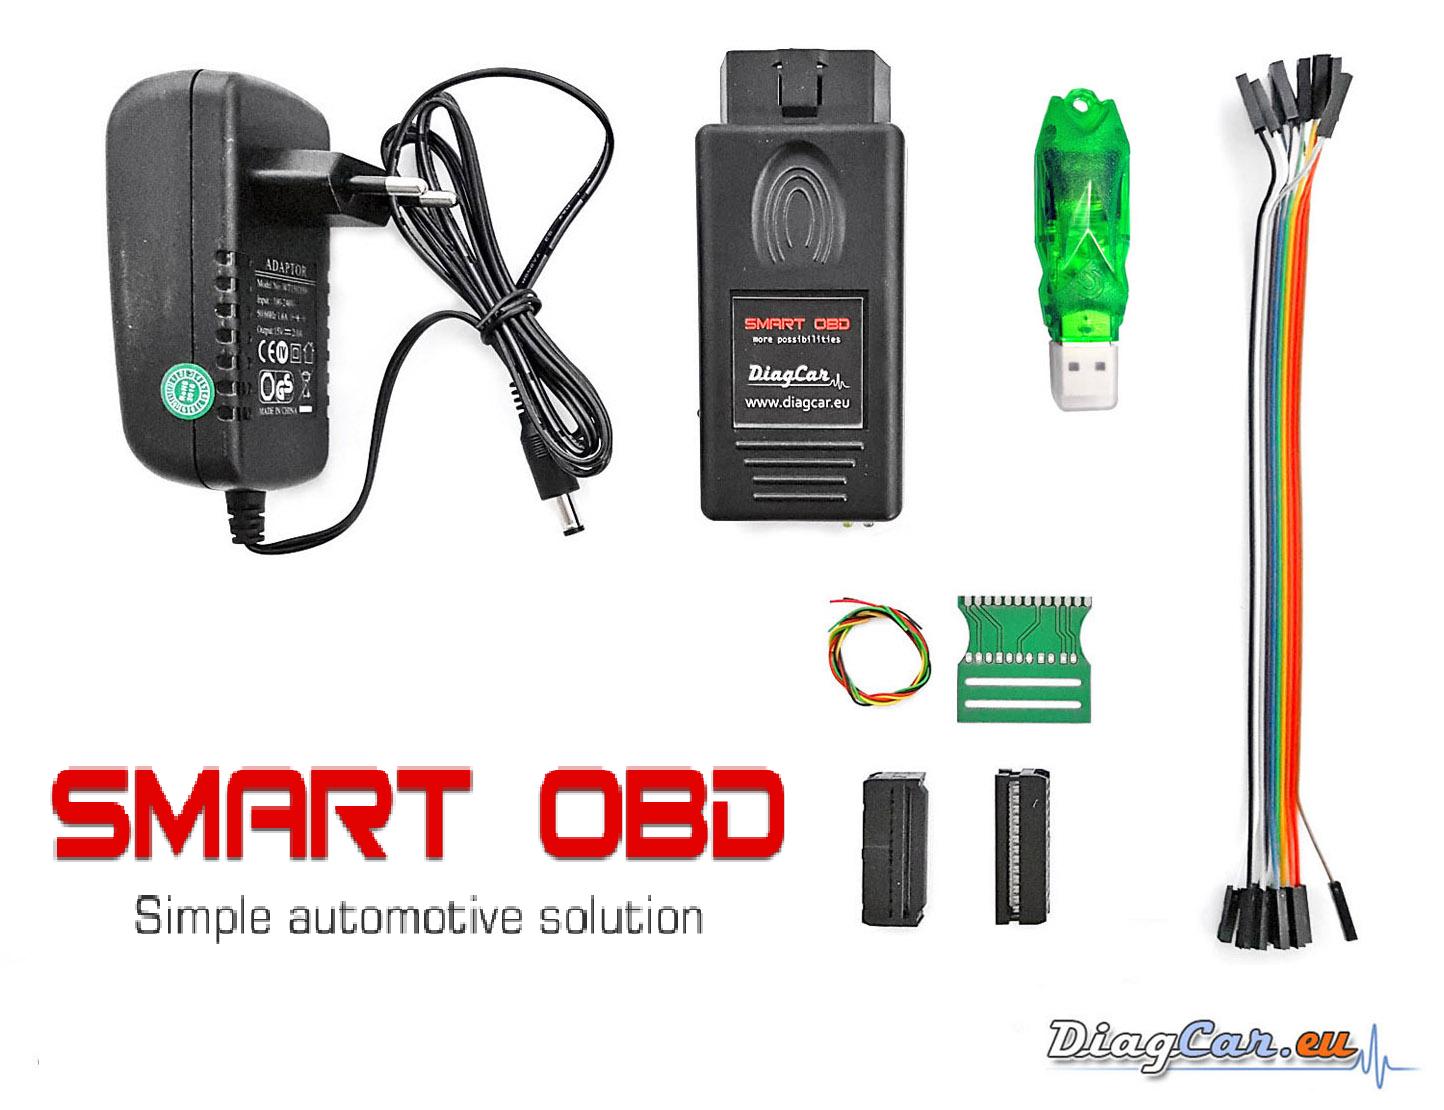 SmartOBD CAN Tool Set